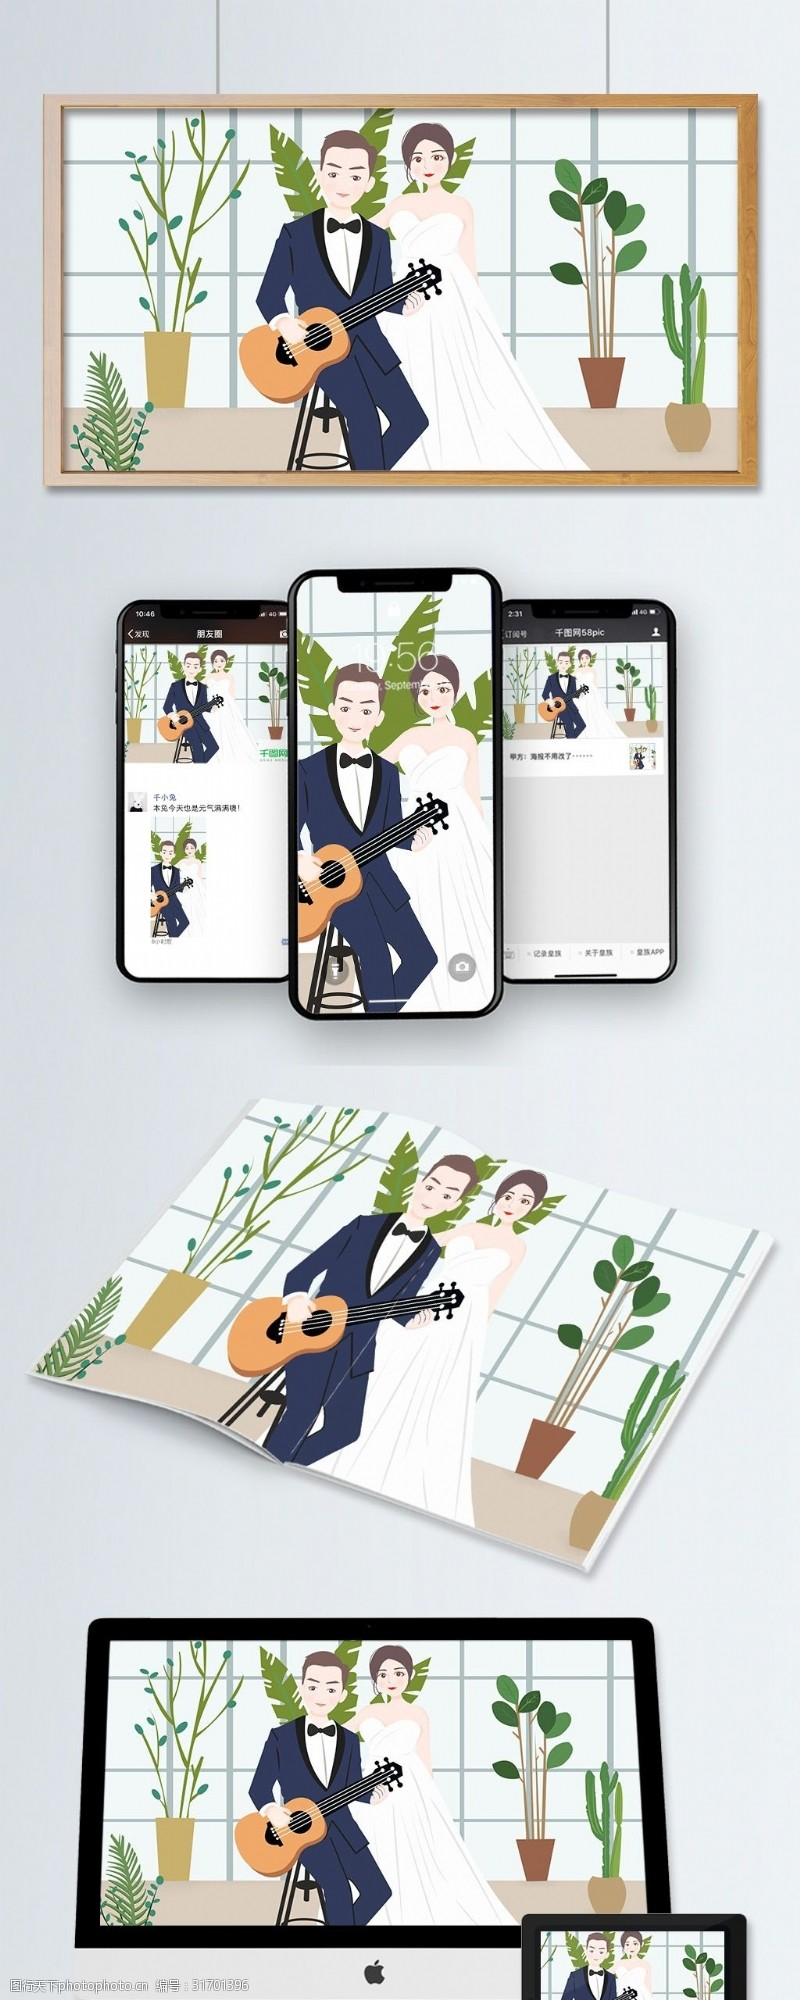 文艺情侣穿着结婚婚纱礼服弹吉他